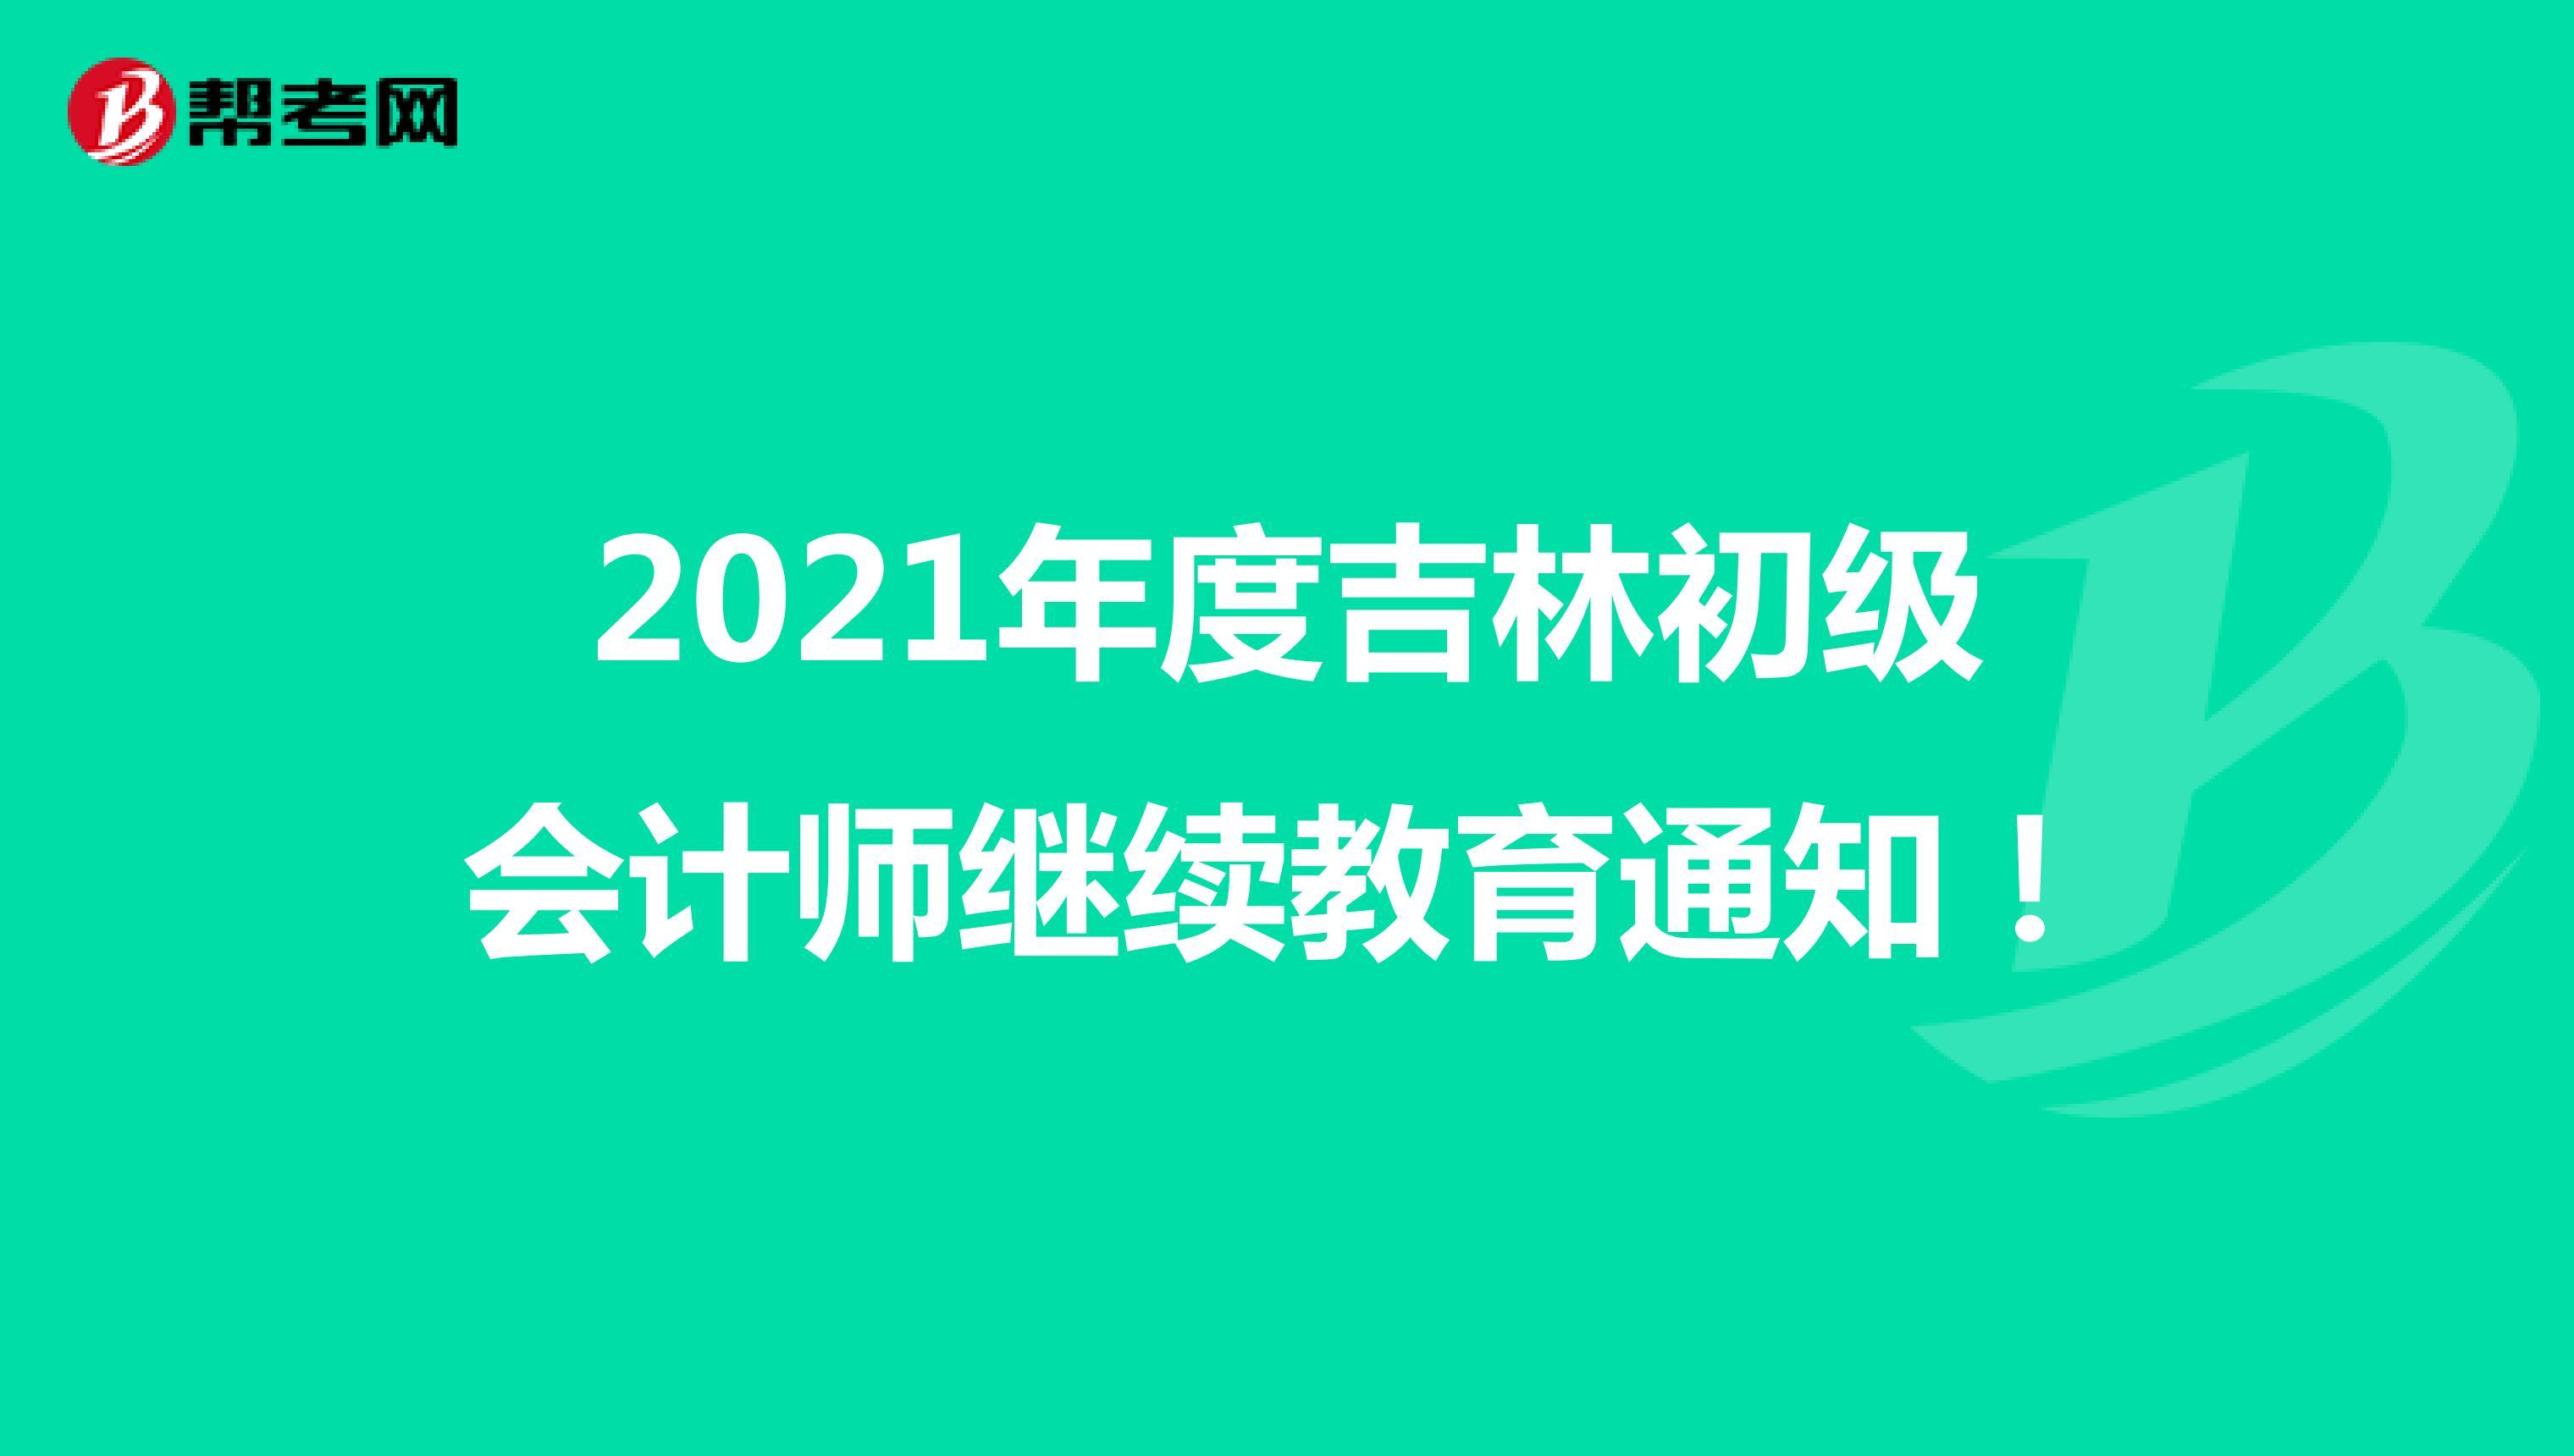 吉林省政策法规考试资讯